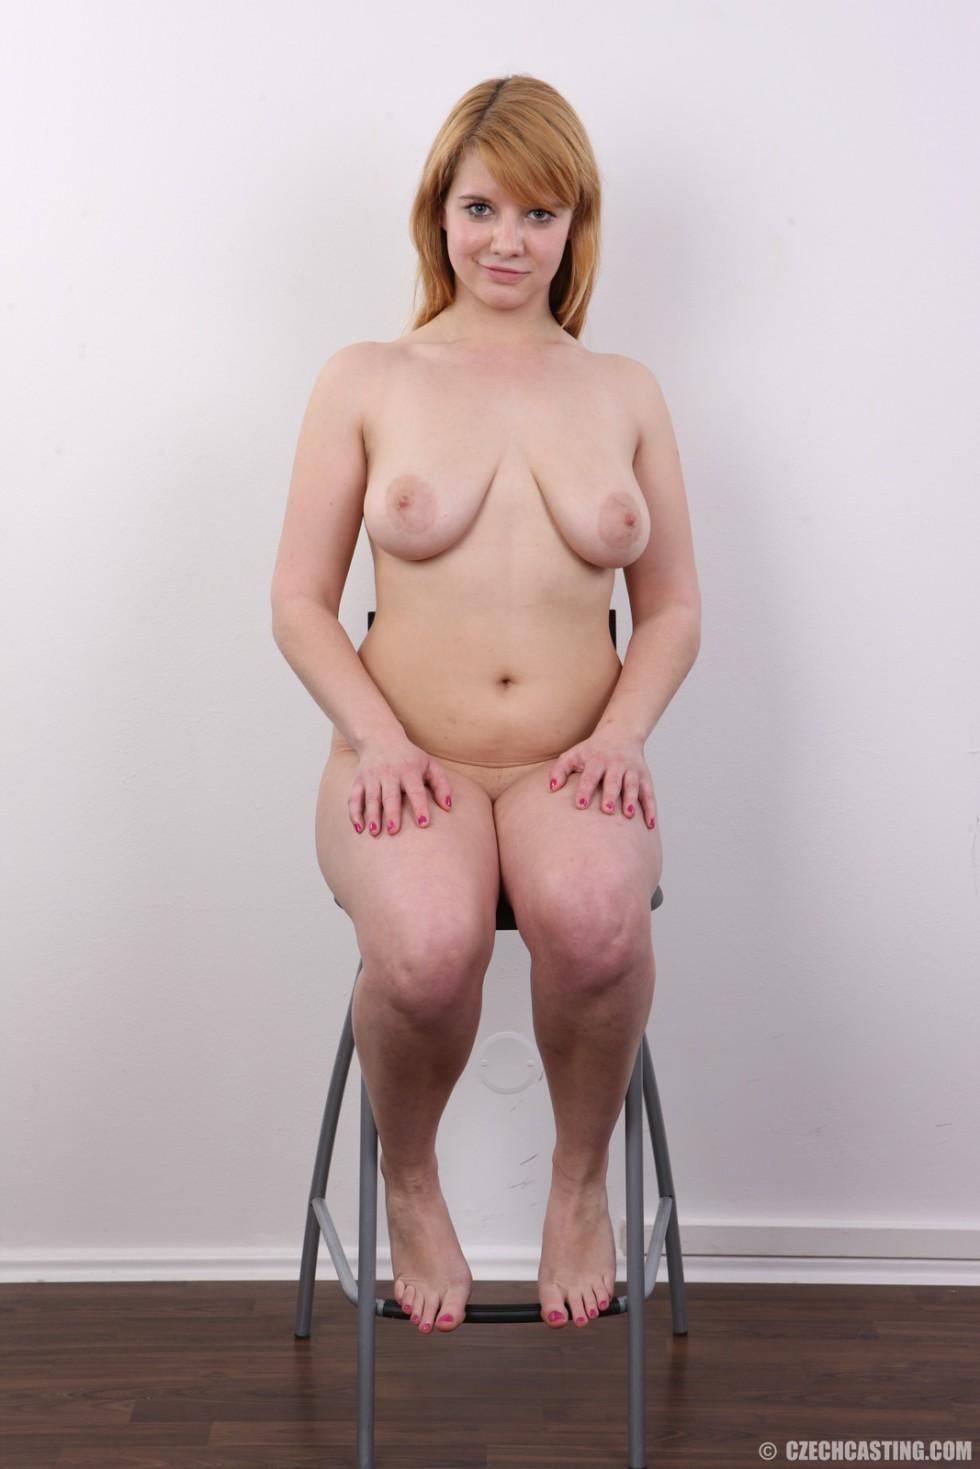 Кастинг - Красивые модели хотят сниматься в порно!